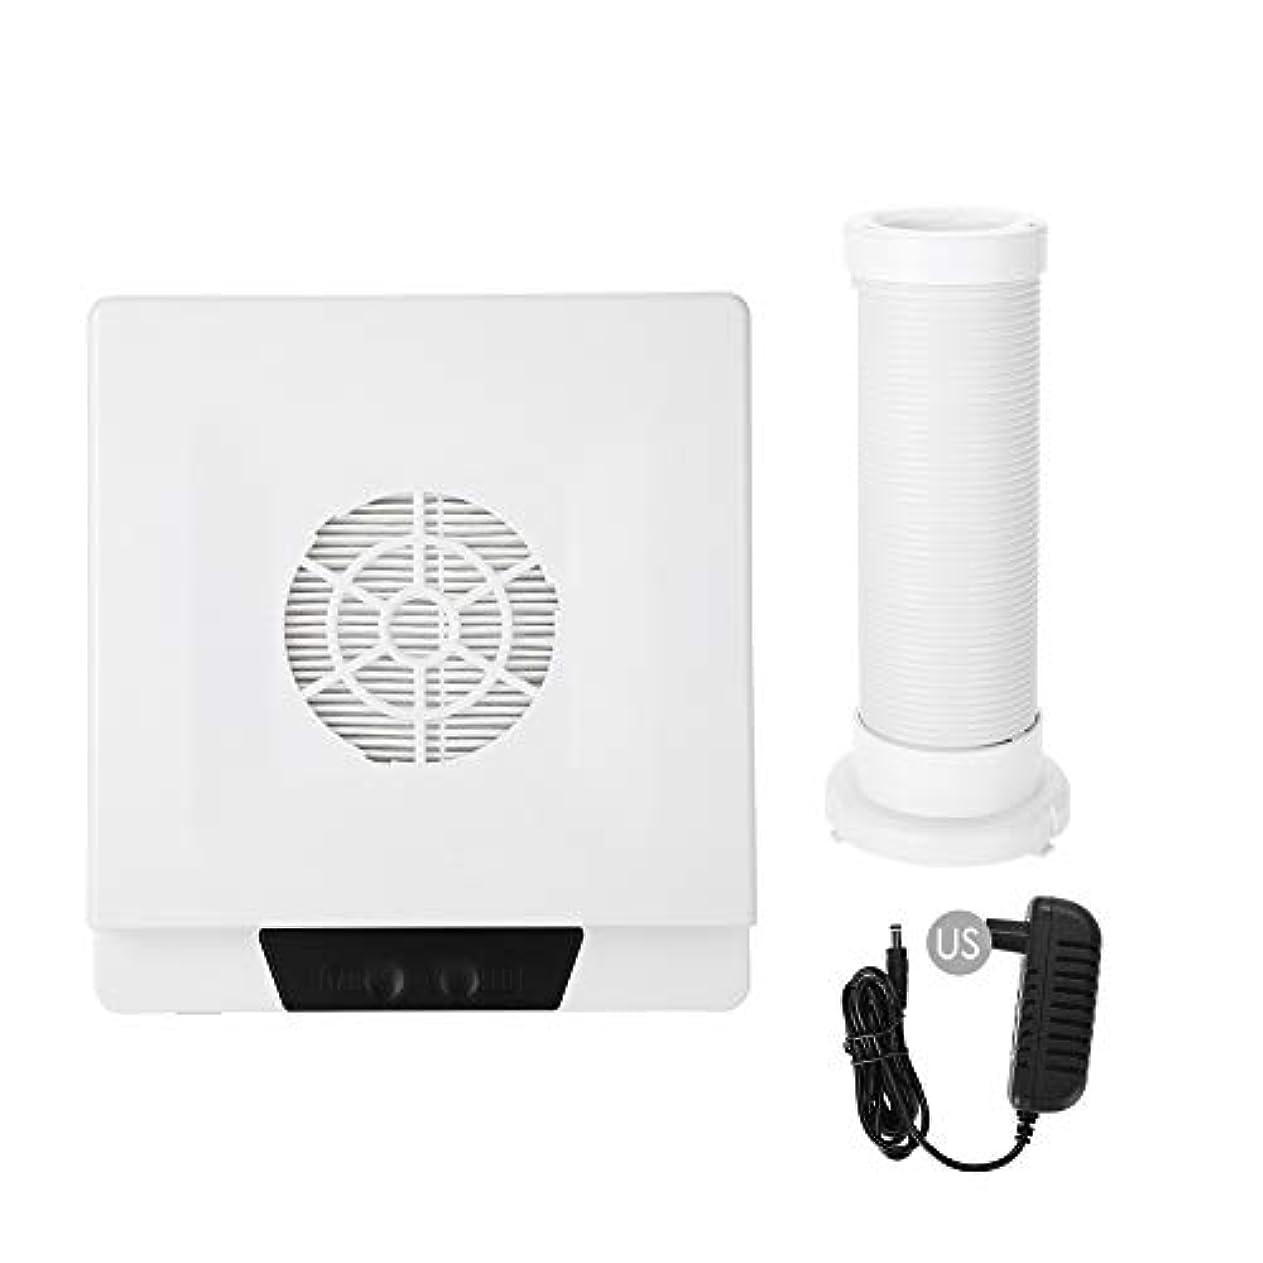 私たちのもの真実に洗剤TOPINCN 60W 強い力 ネイルアートダストサクション ネイルアート集塵機 マニキュア掃除機 ネイルダストクリーナー(02)